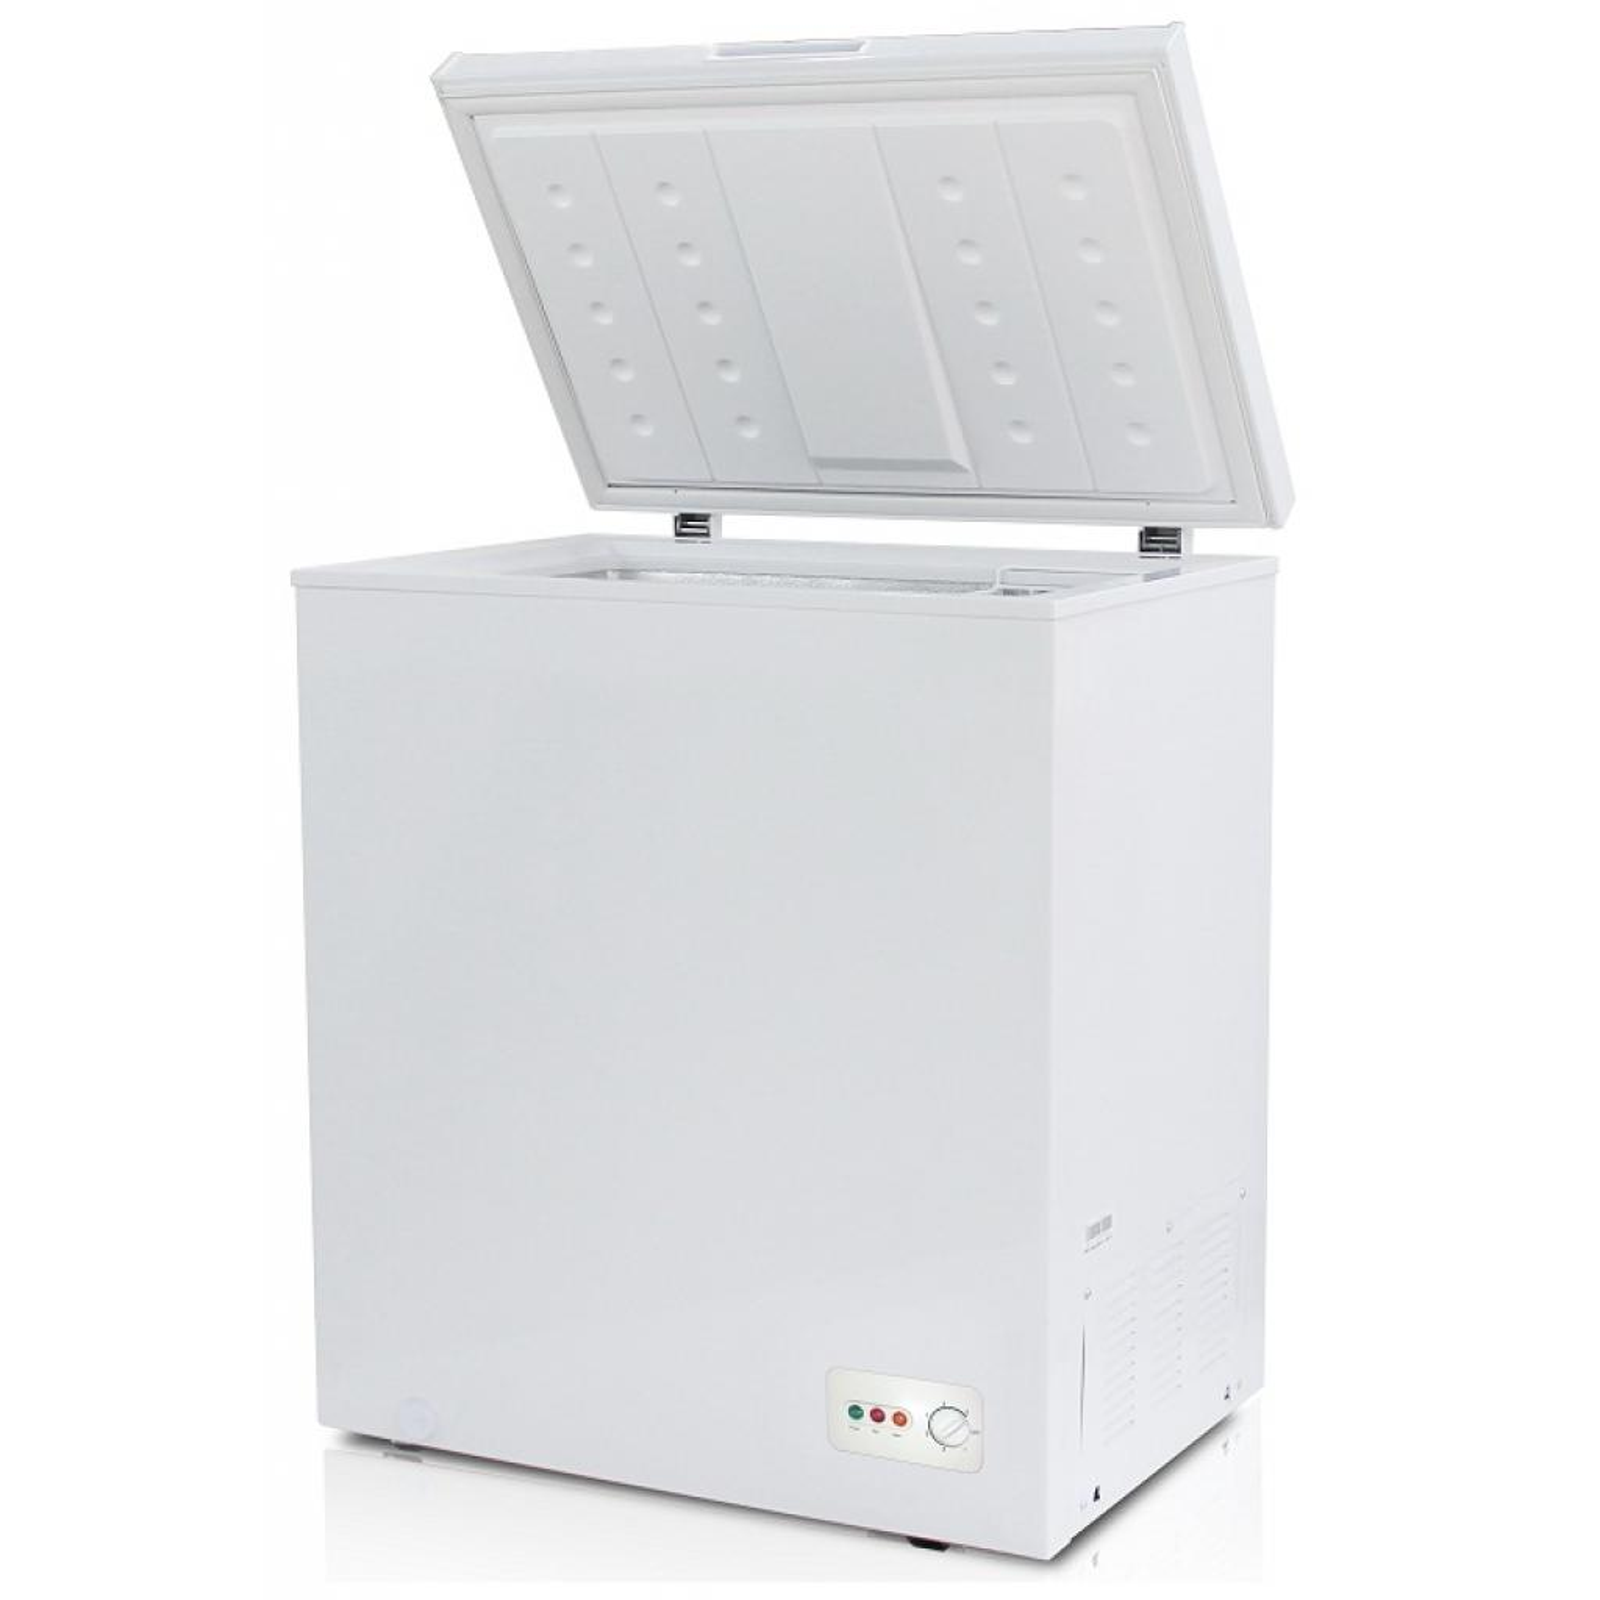 Морозильная камера LIBERTY DF-150 C изображение 2